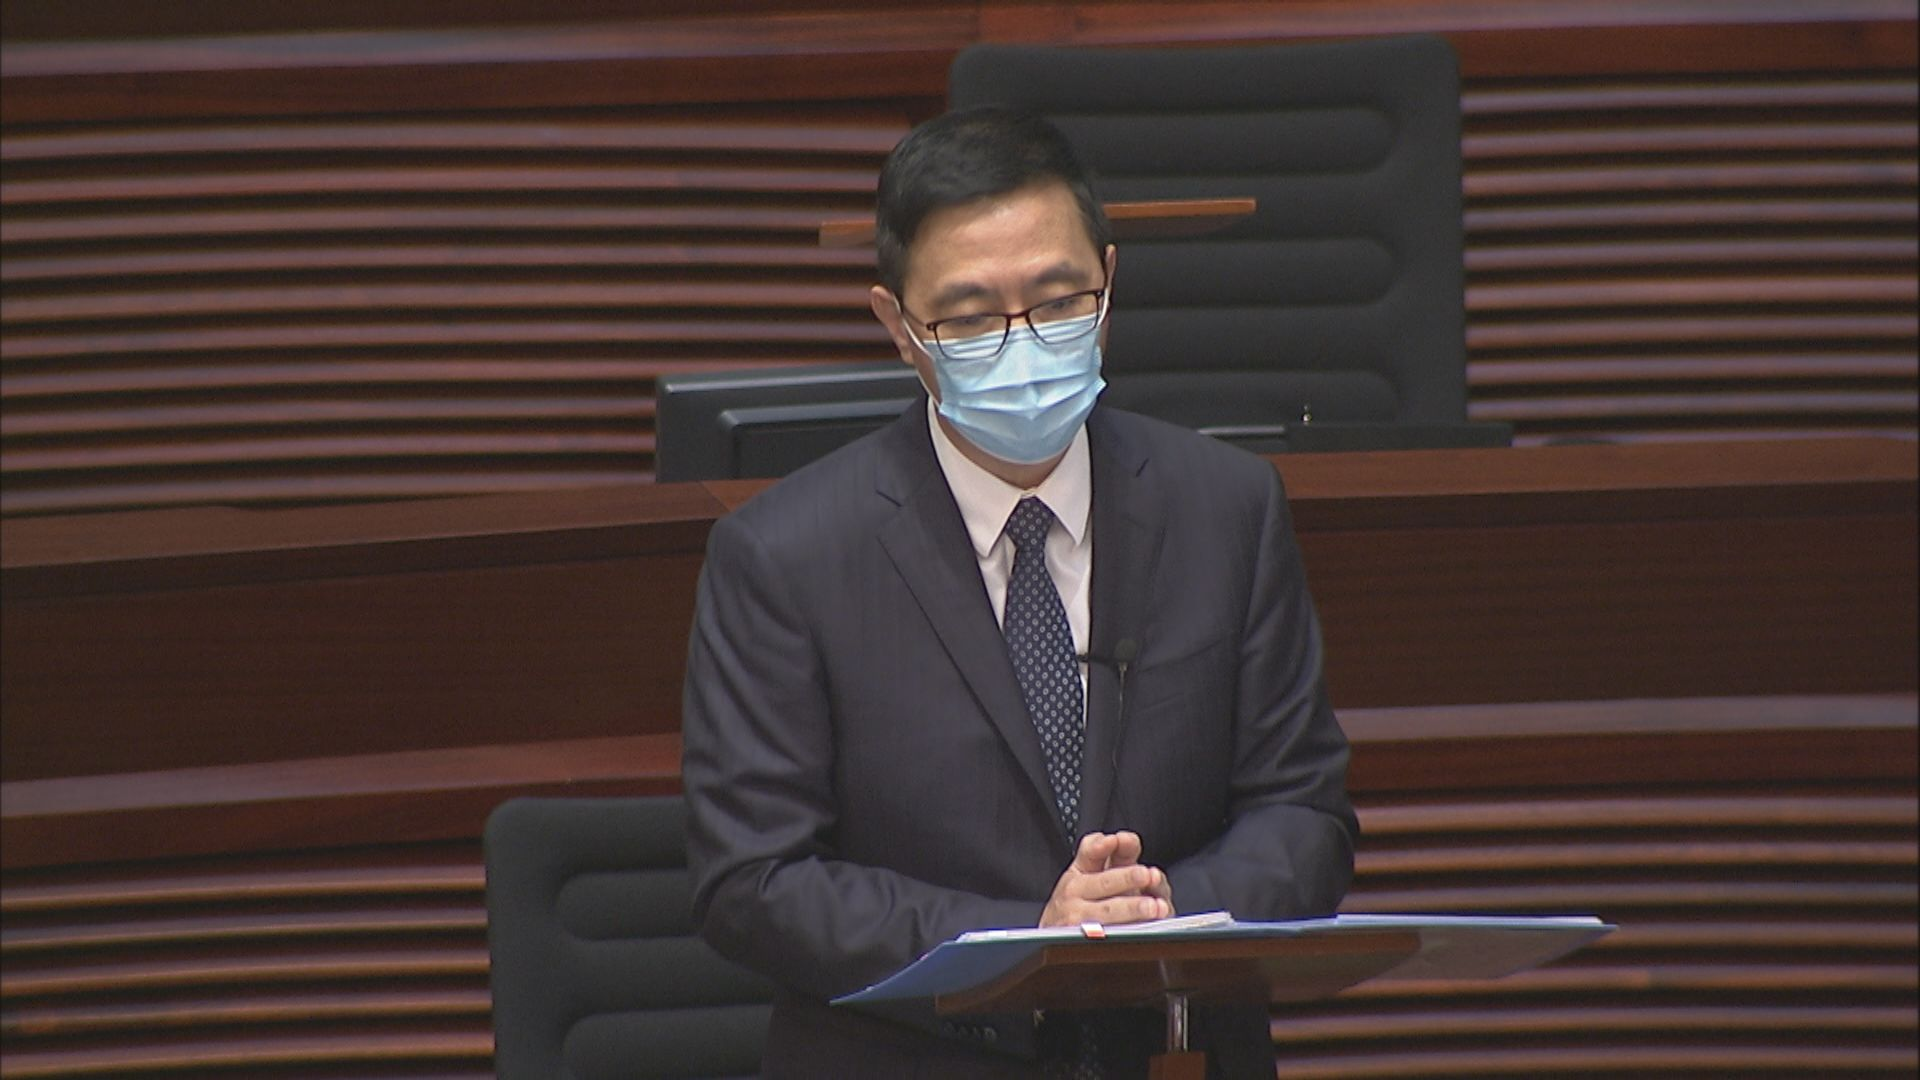 楊潤雄:教師涉反修例暴動等嚴重罪行 校方可著令停職